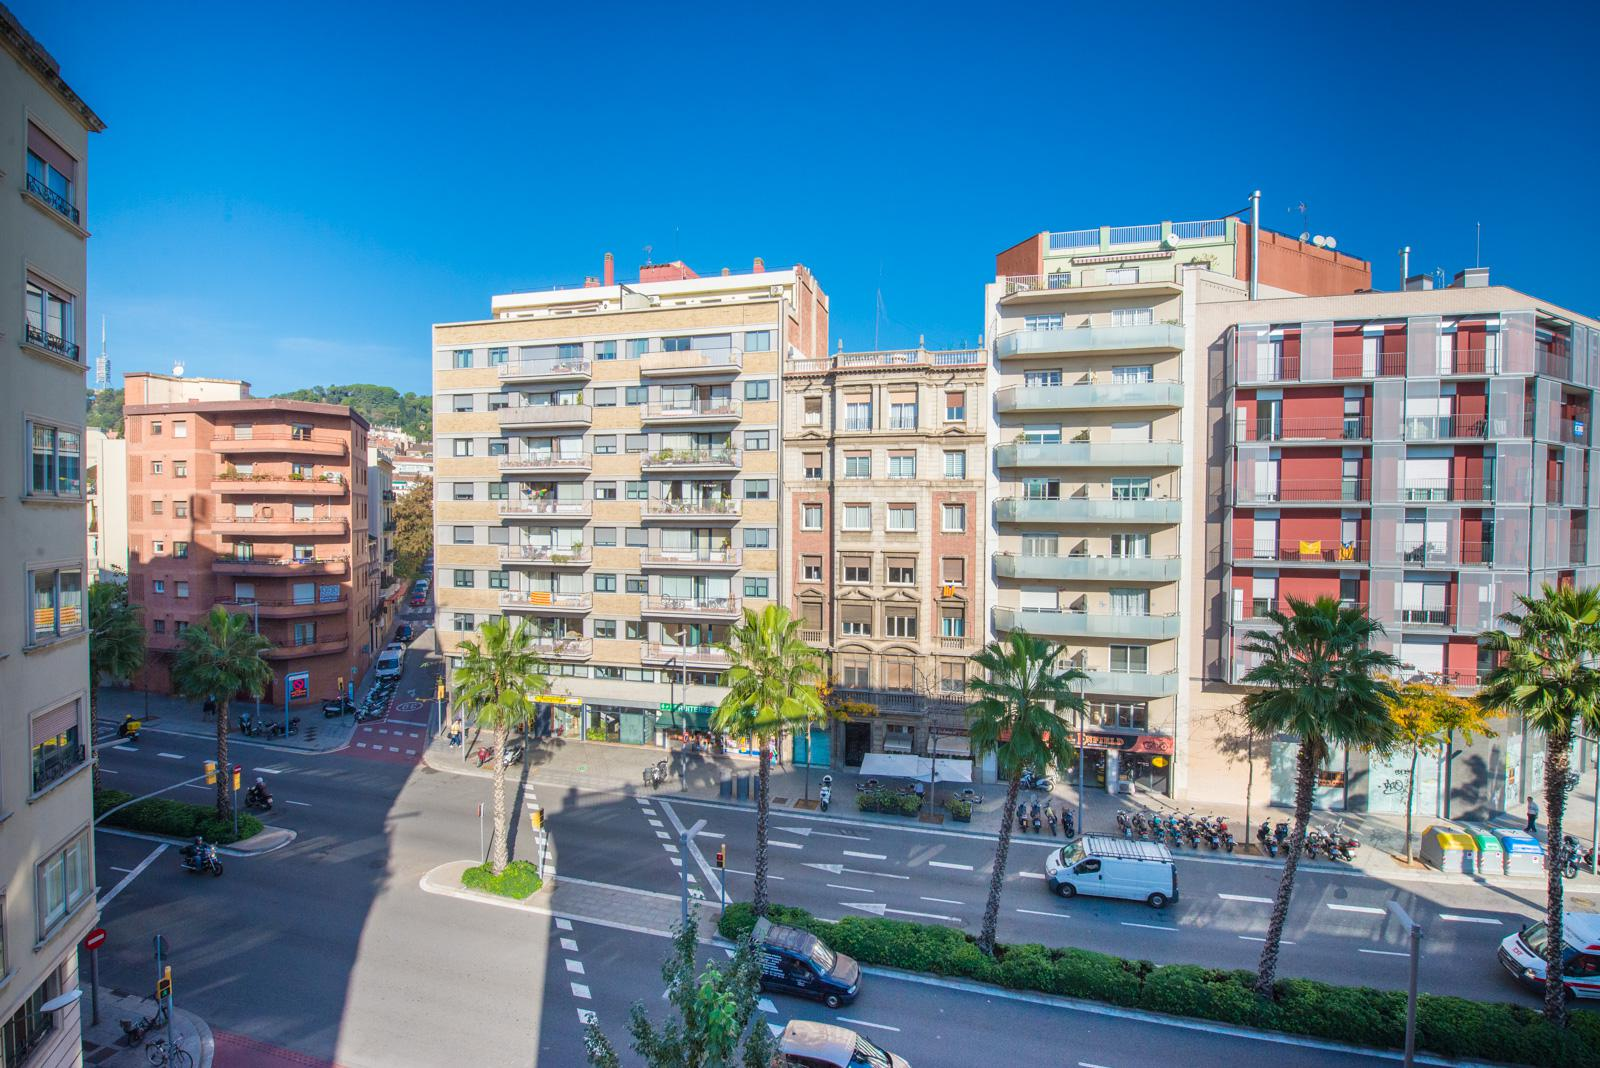 petit-appartement-de-vente-a-ronda-general-mitre-septimania-el-putxet-i-farro-a-barcelona-225648025